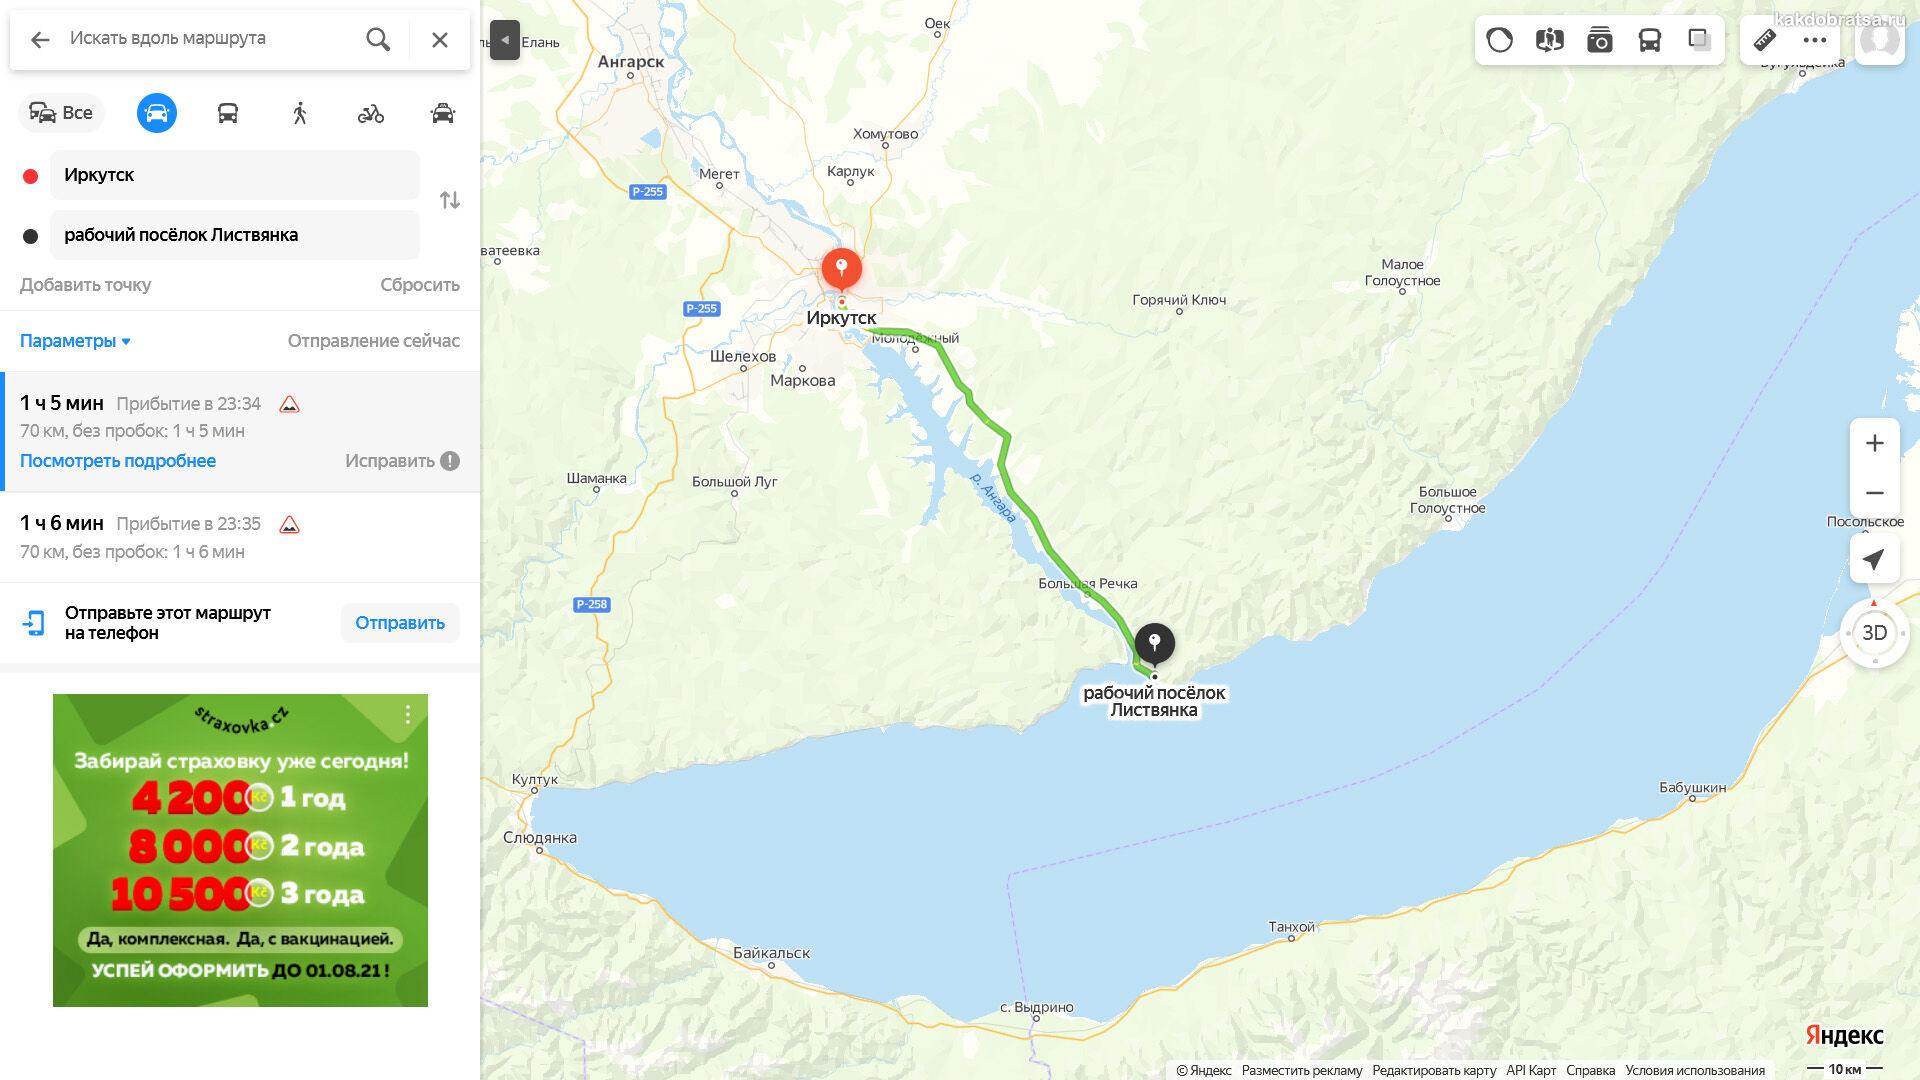 Где находится Листвянка и расстояние до Иркутска по карте